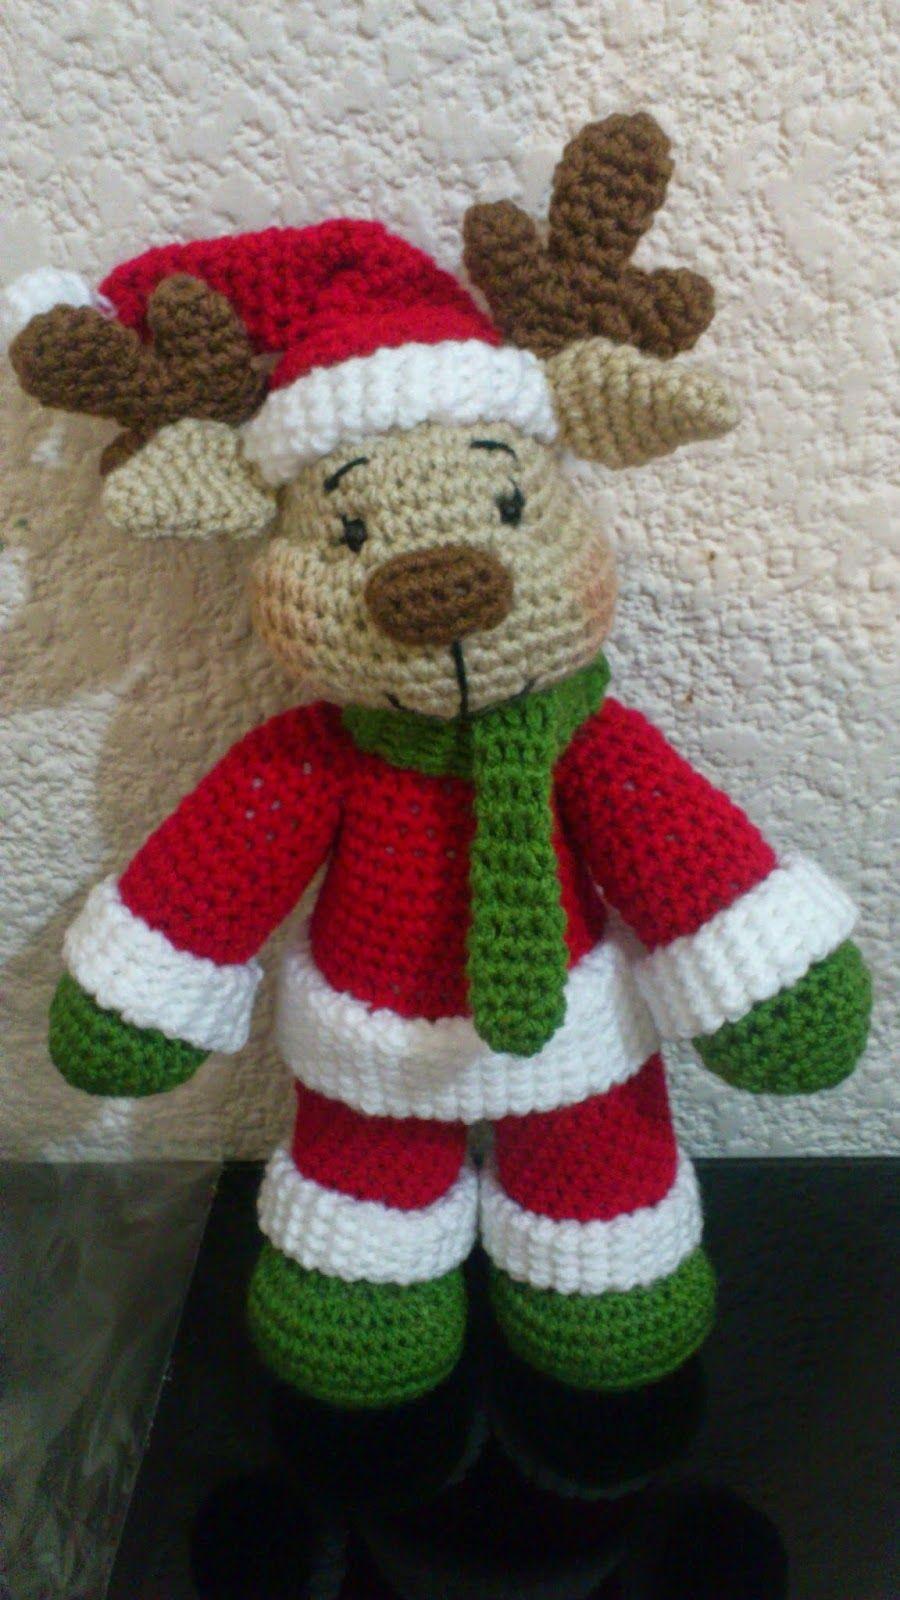 Free pattern jenpoali news christmas reindeer pattern amigurumi cute reindeer in santa suit free pattern spanish bankloansurffo Image collections